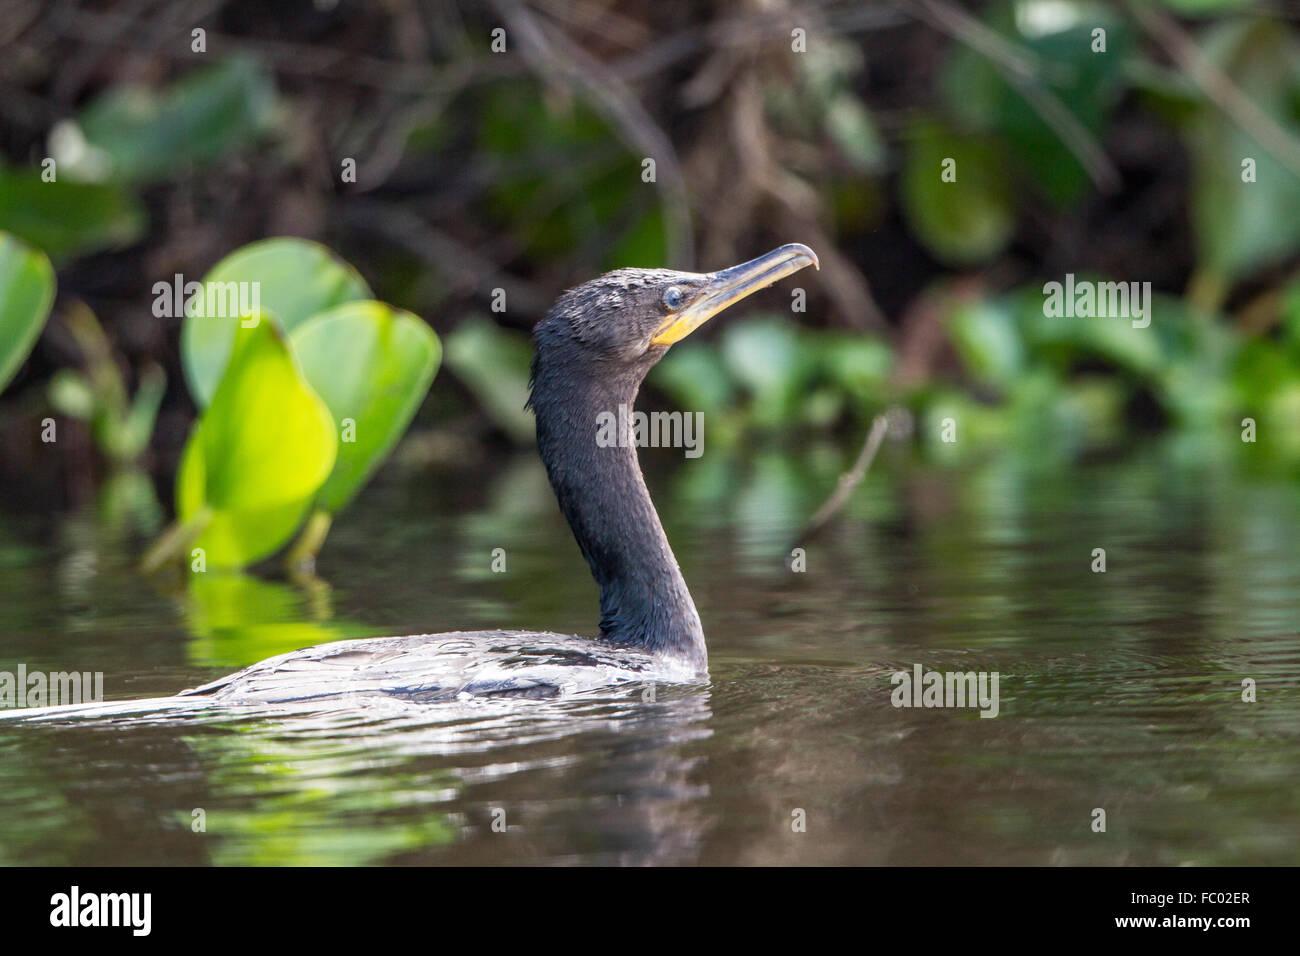 Neotropic cormorant - Stock Image